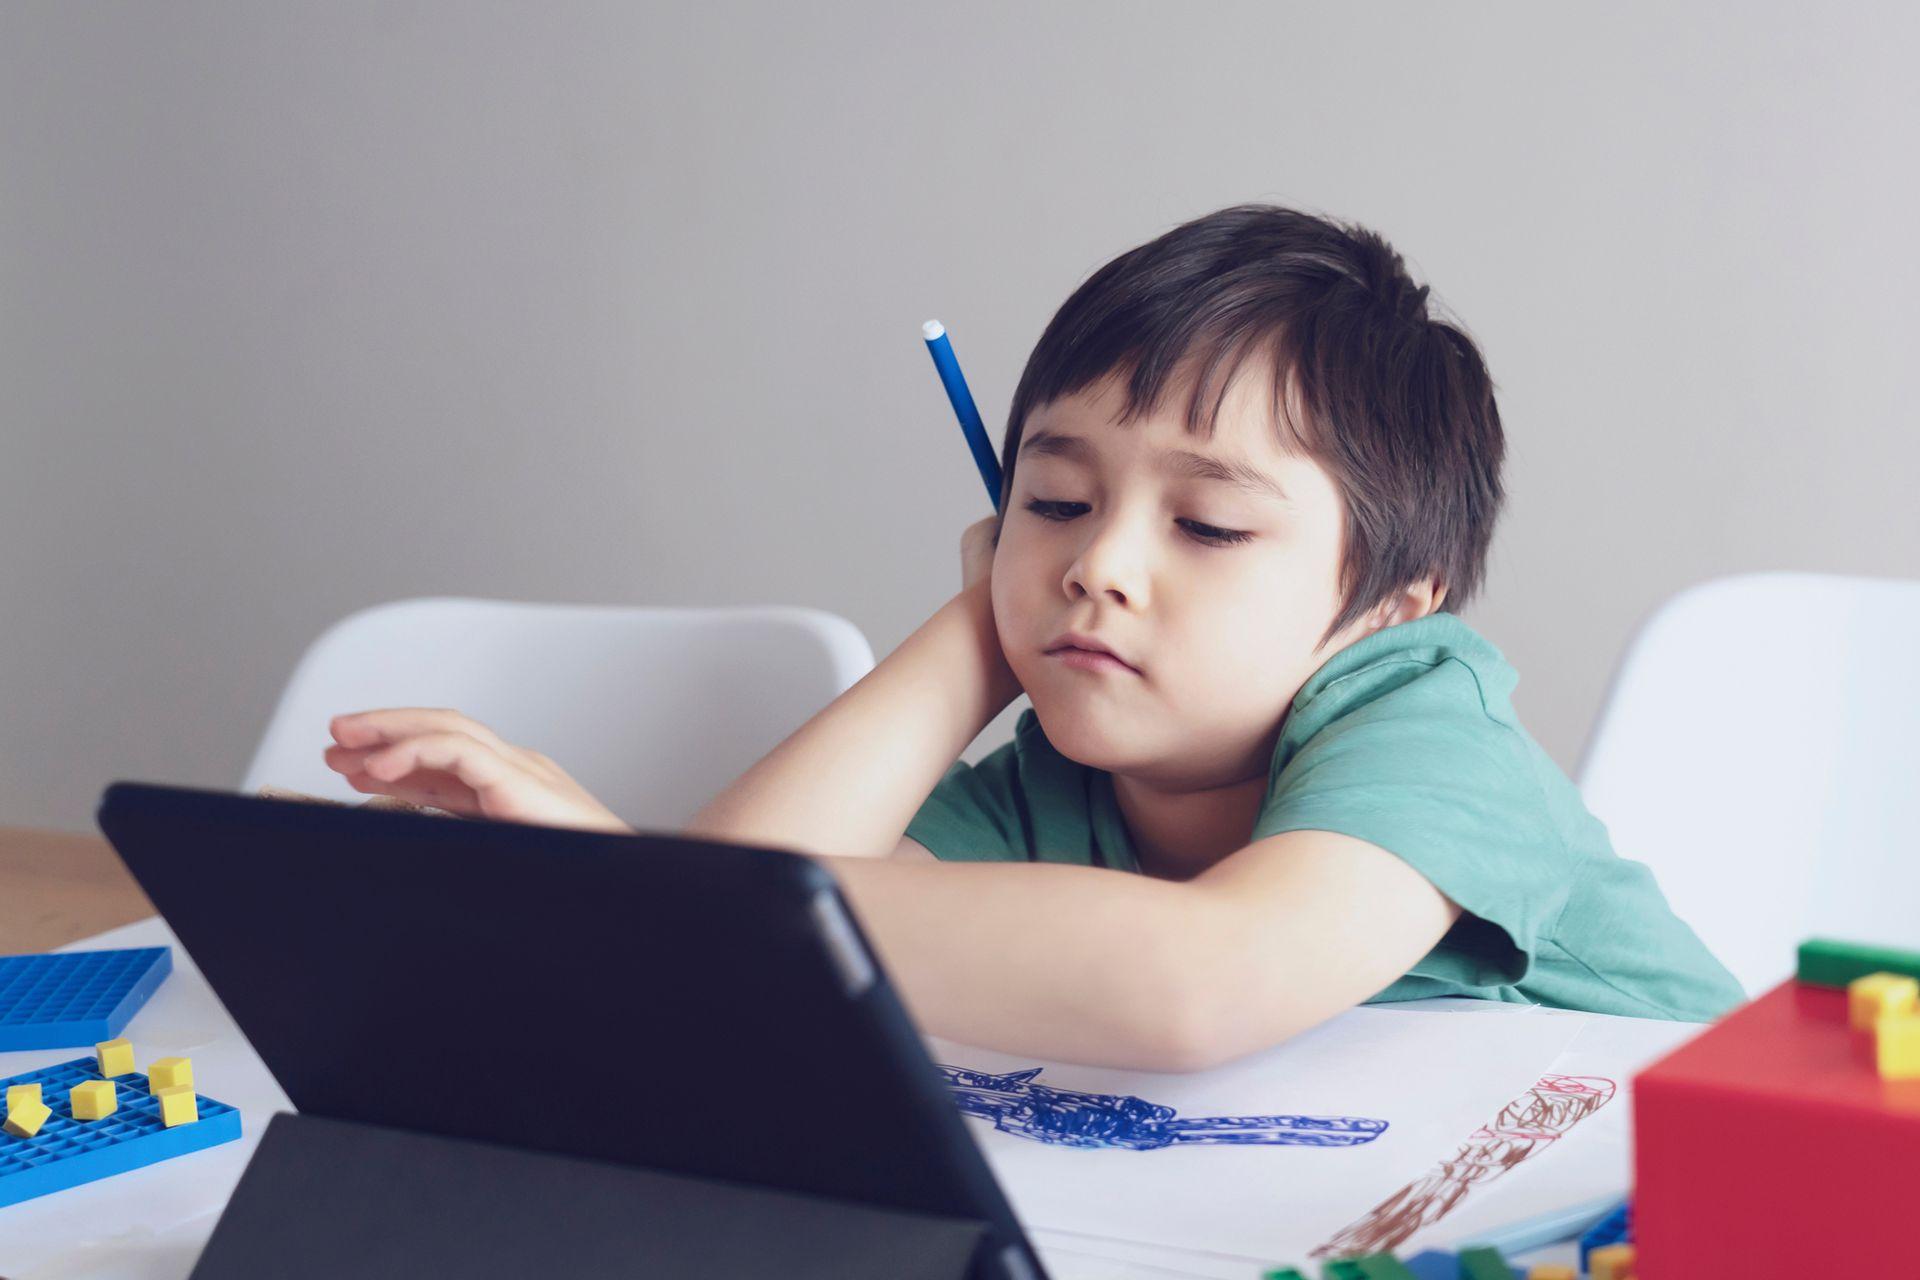 Los especialistas coinciden en que muchos chicos del nivel inicial no logran vincularse con las clases online